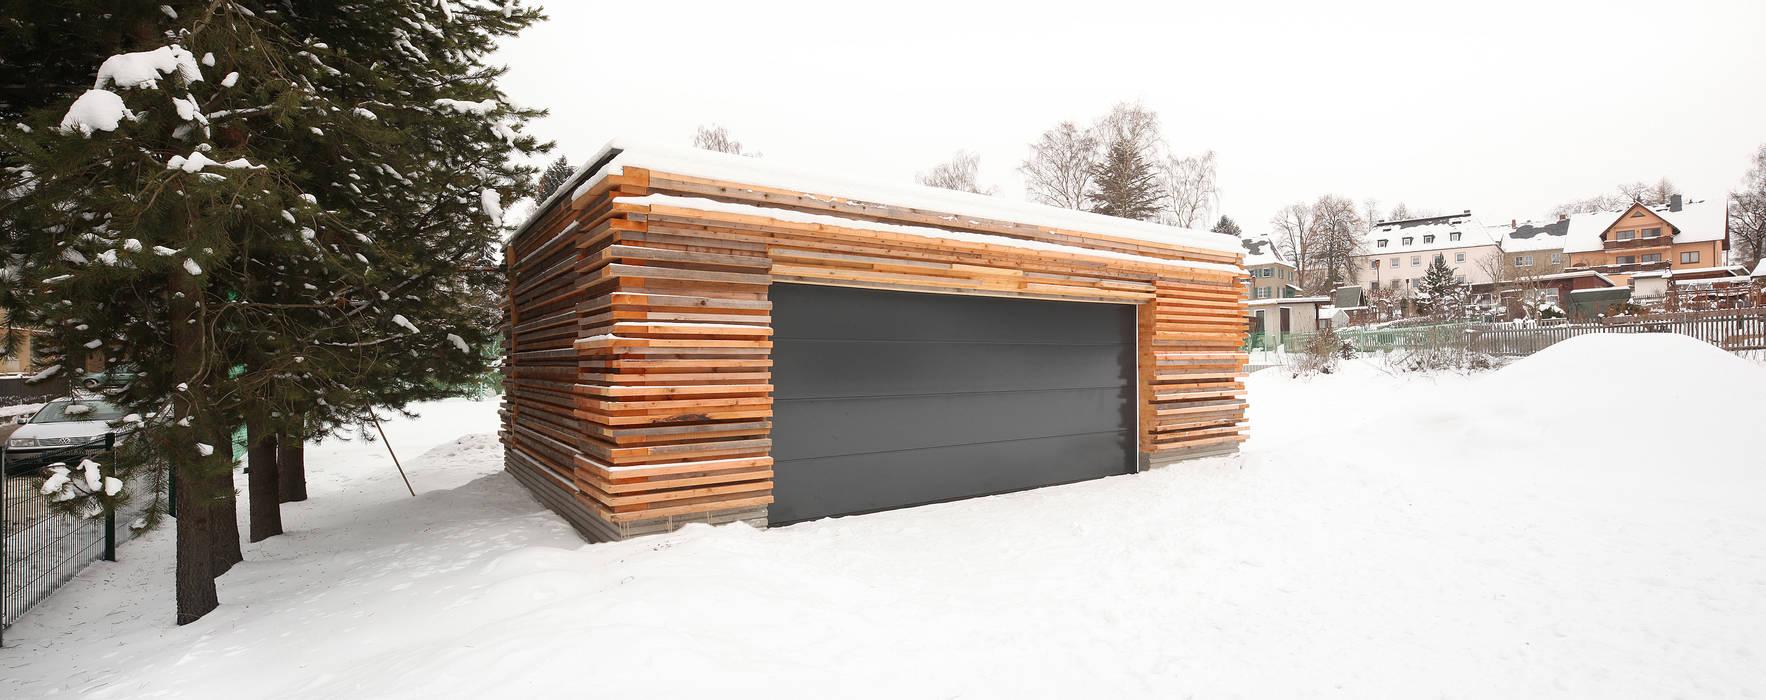 Garage/shed by REICHEL SCHLAIER ARCHITEKTEN GMBH